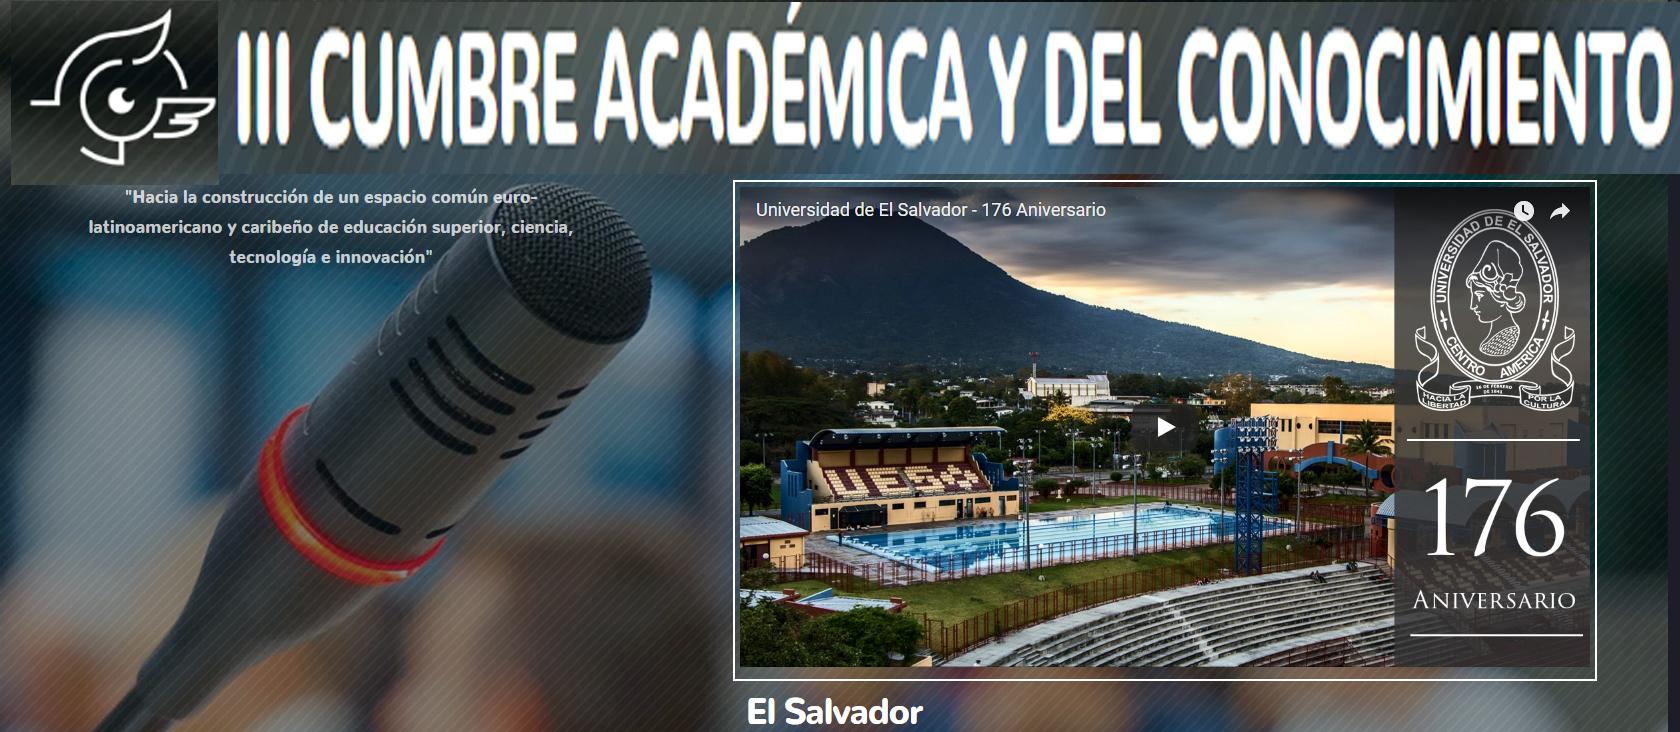 Cumbre Academica